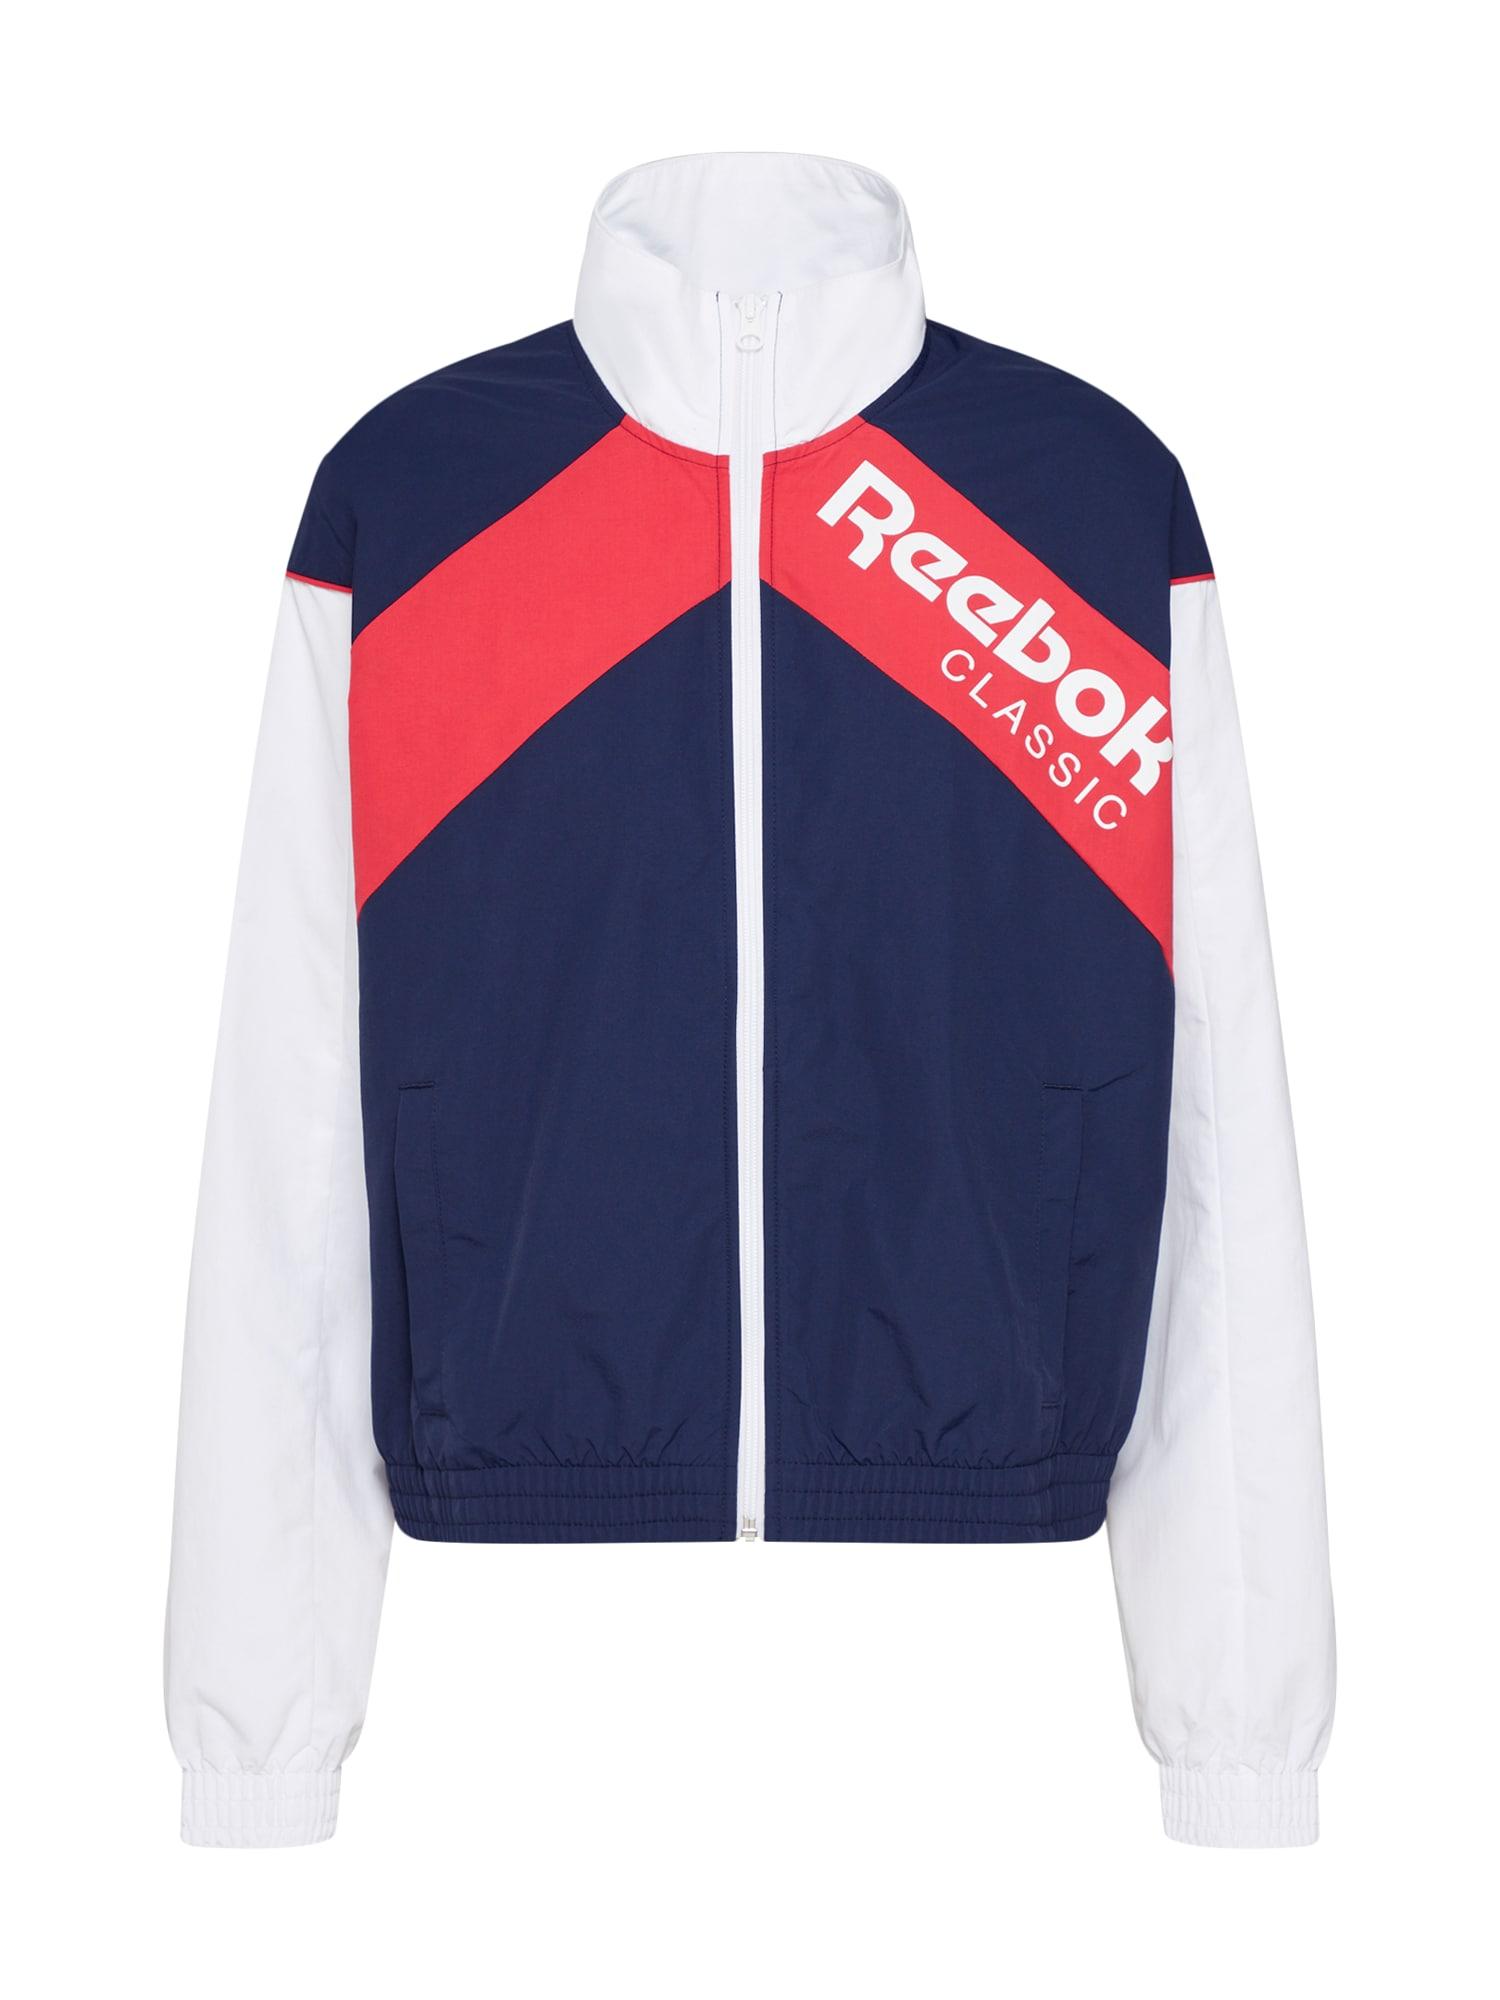 Přechodná bunda CL TRACKTOP námořnická modř červená bílá Reebok Classic